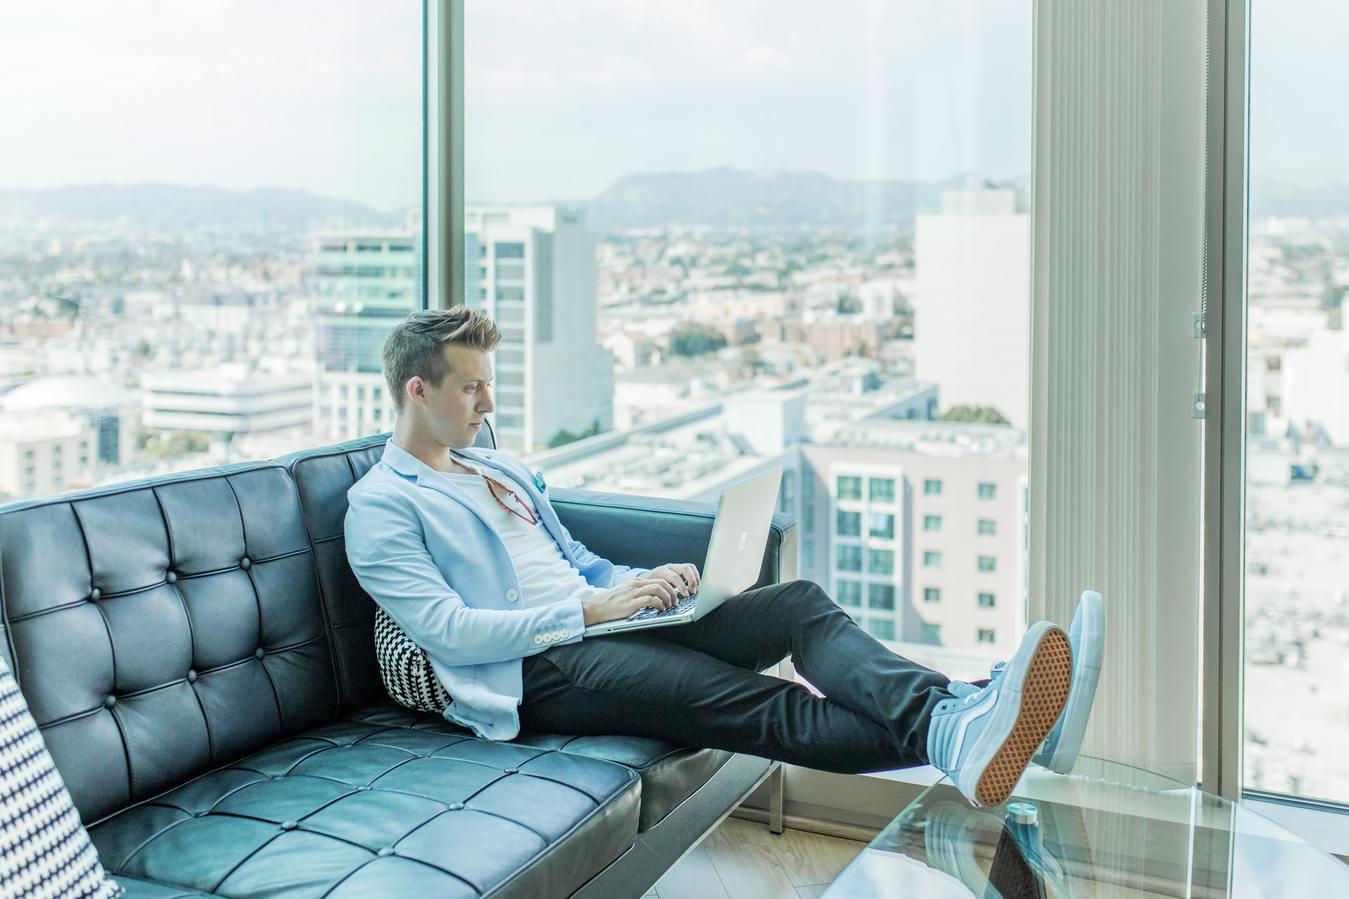 Mann auf Sofa, der auf einem Laptop tippt